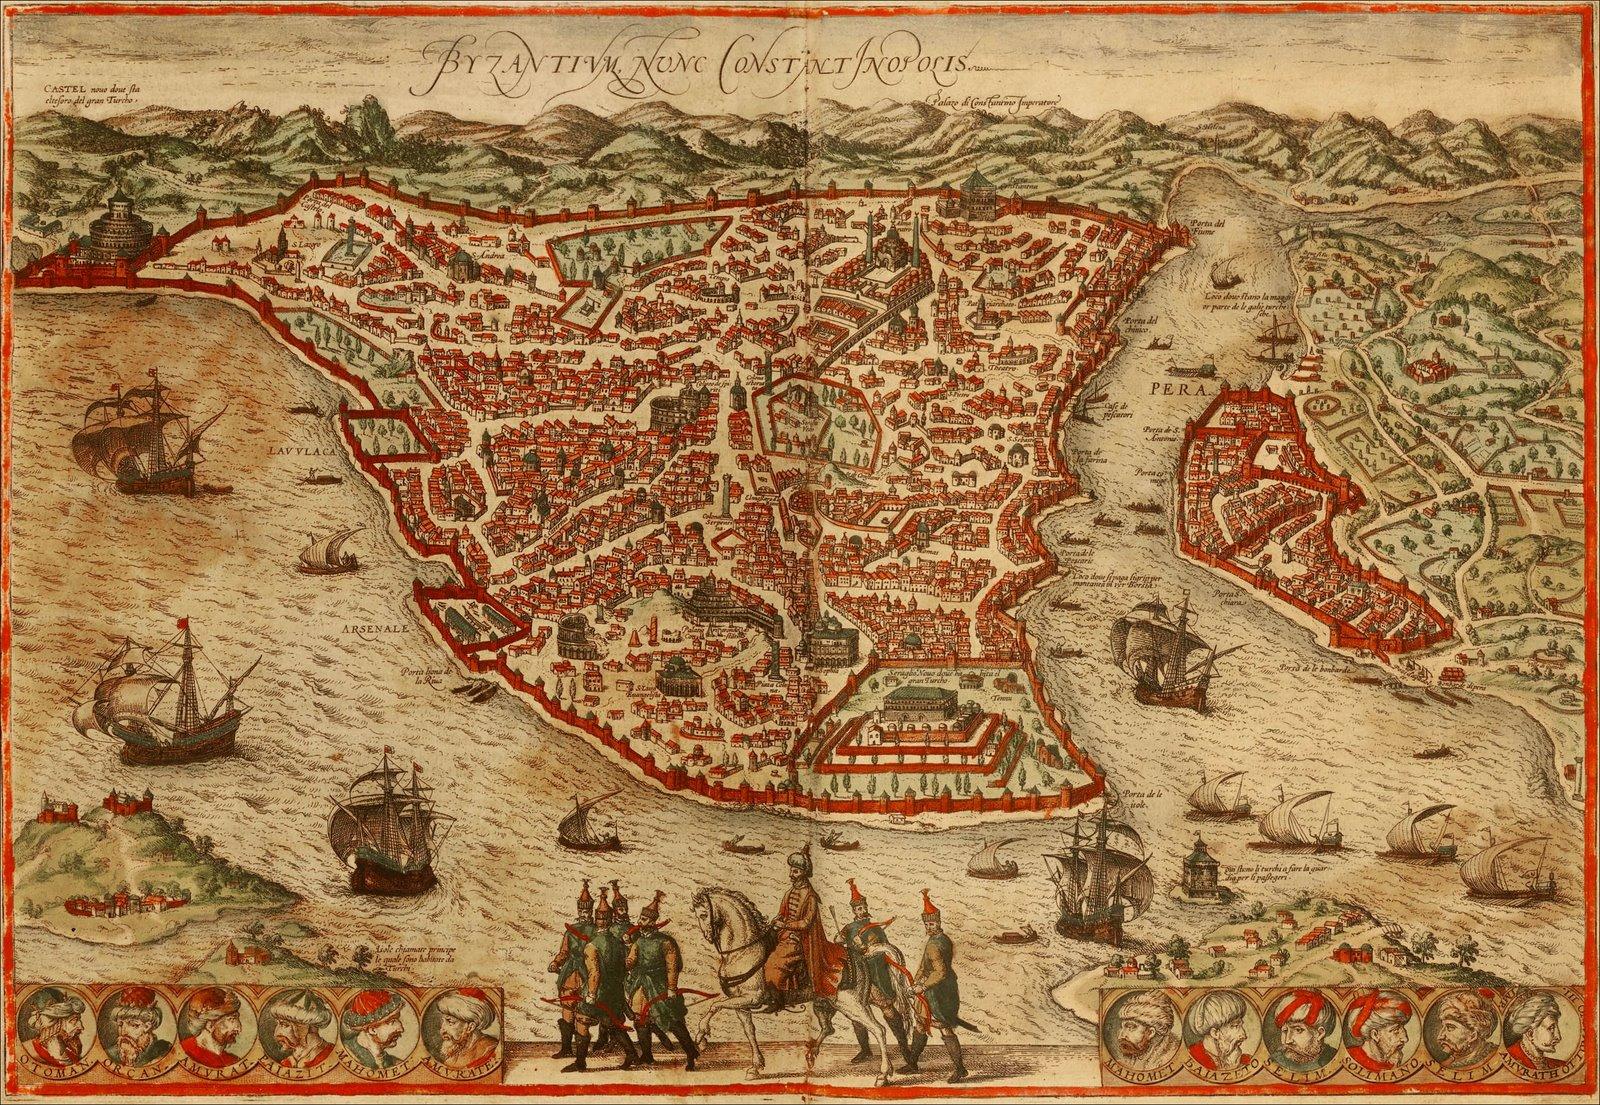 Mapa de Constantinopla/Estambul y sus sultanes (biografiasiniestras)